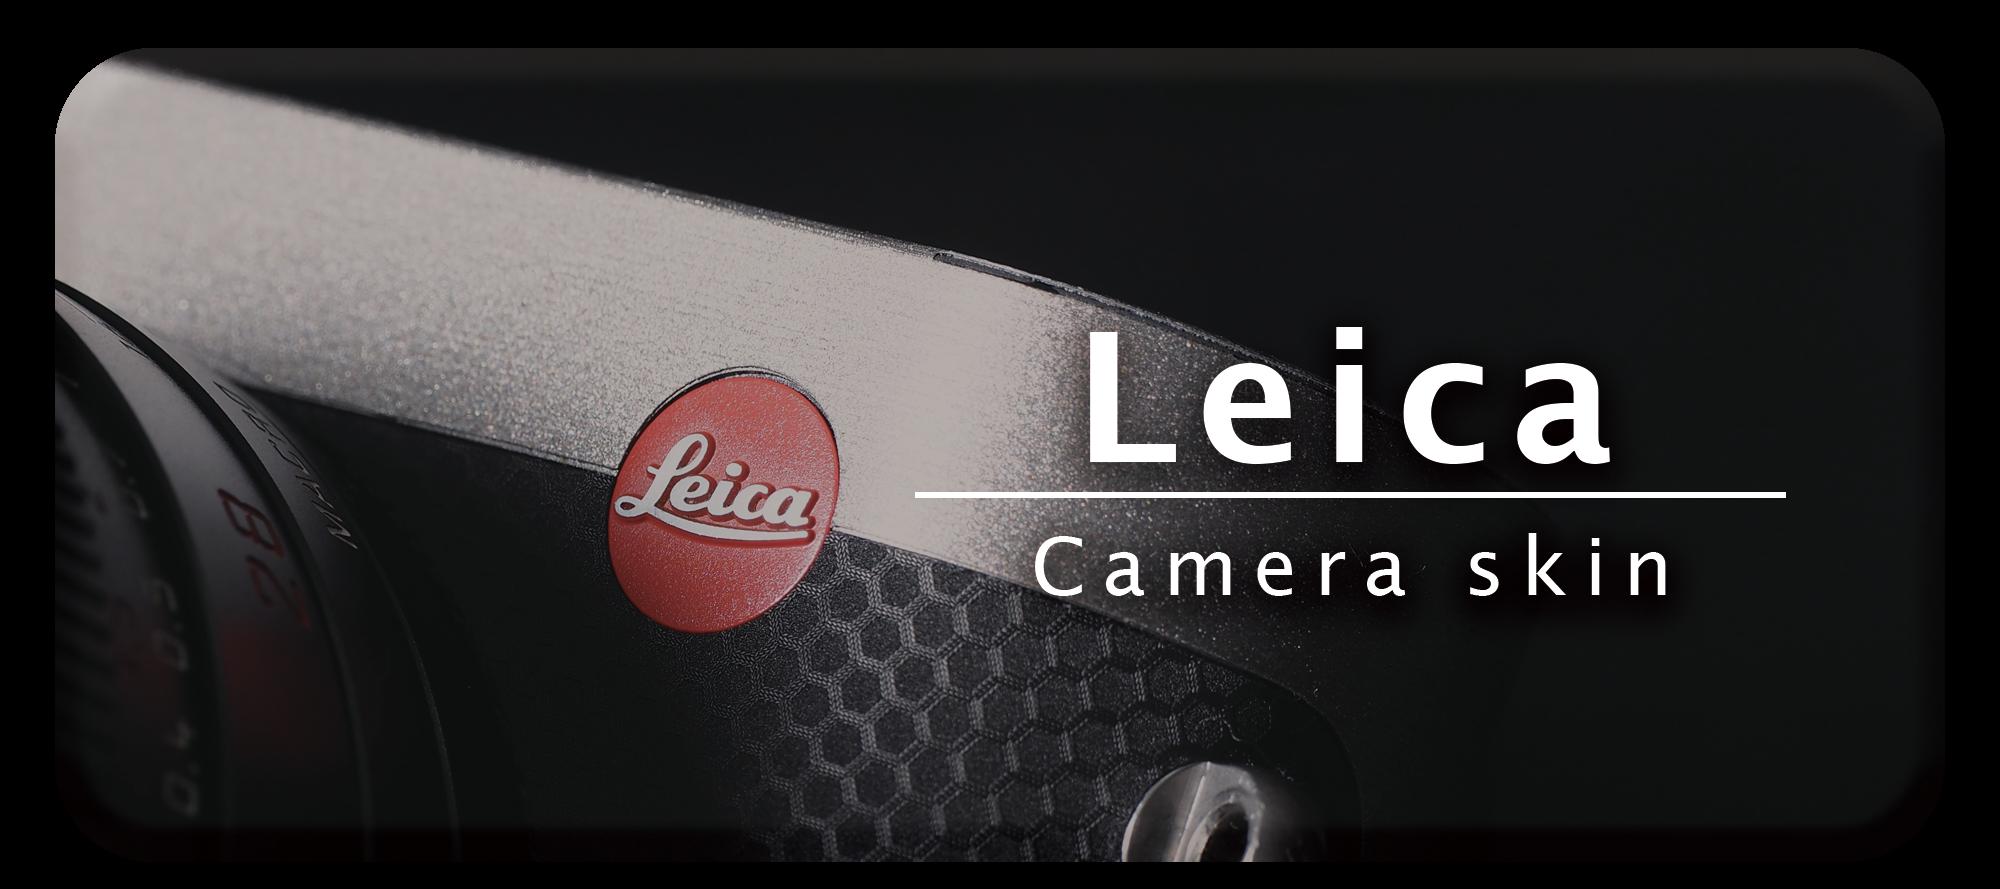 LEICA Camera skin